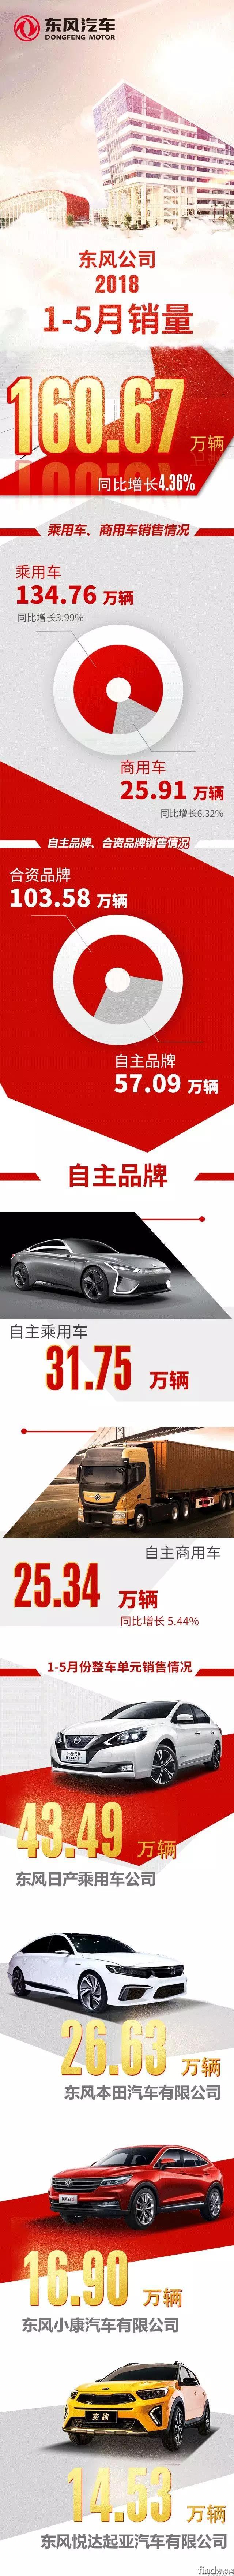 东风汽车前5月售商用车26万辆